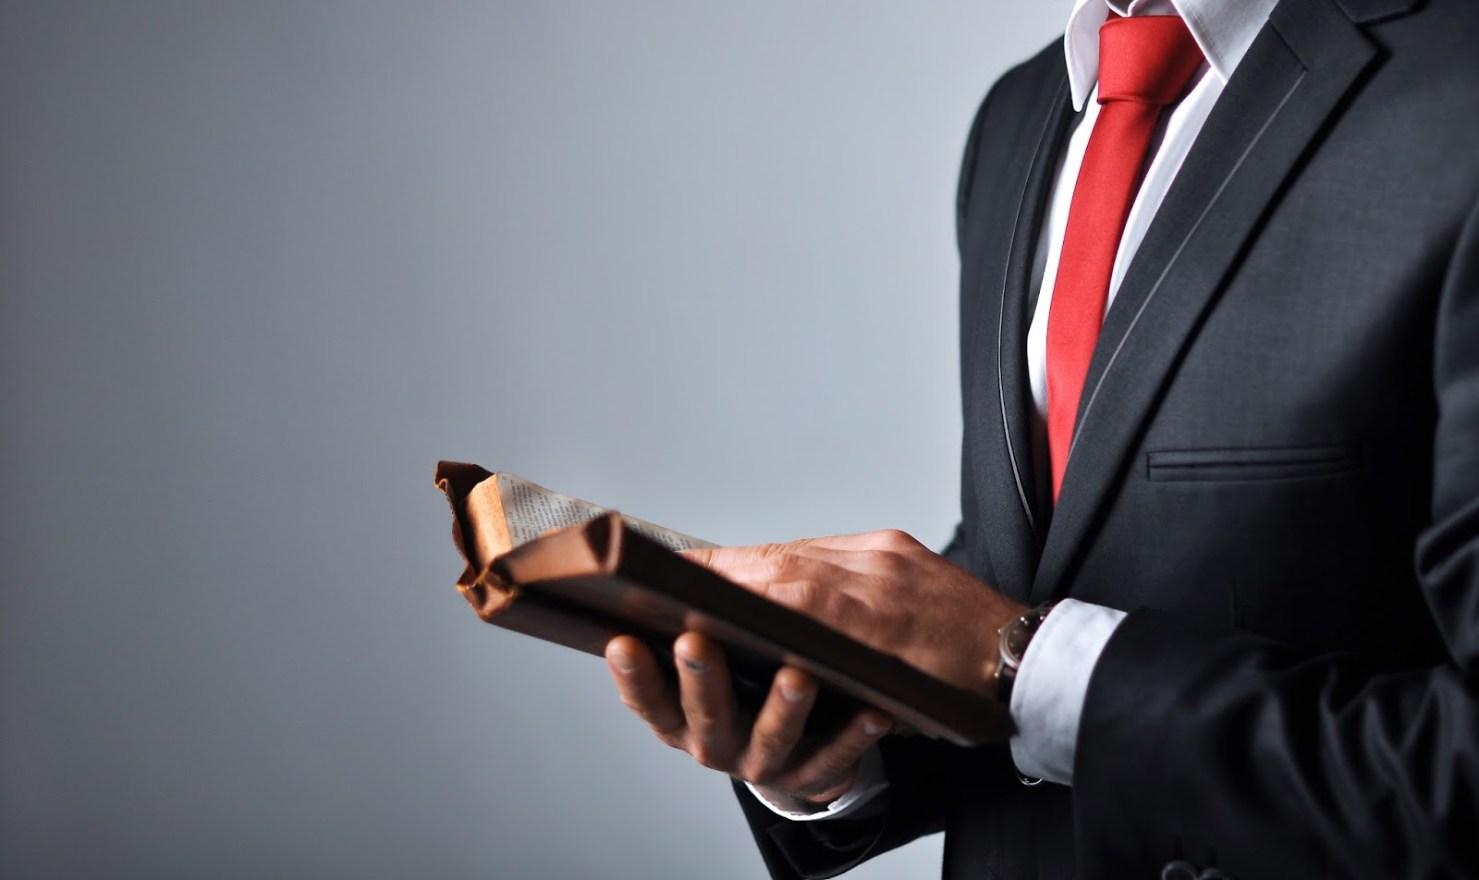 Come si diventa avvocato internazionale: studi e opportunità